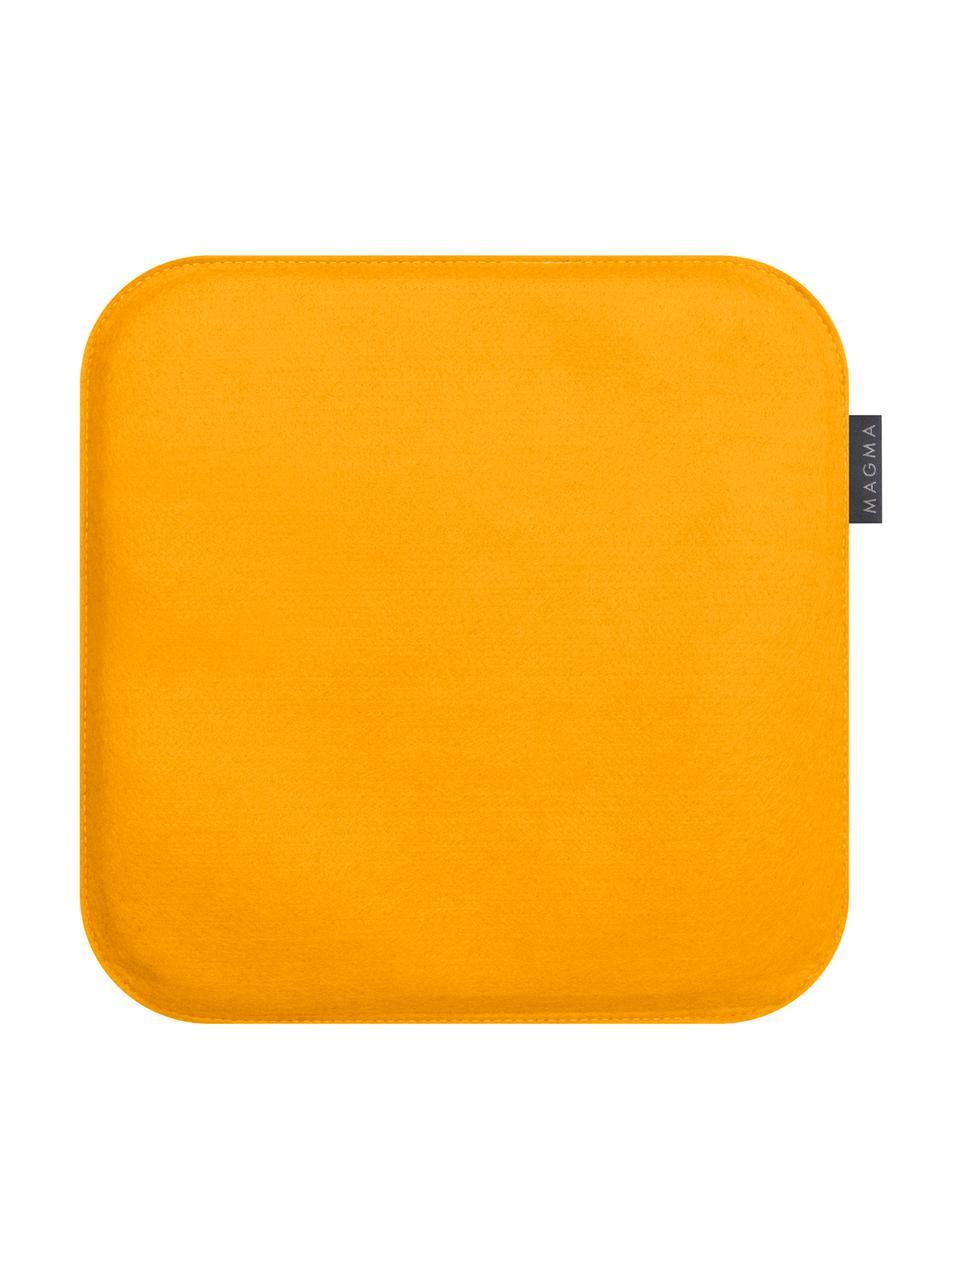 Cuscino sedia Avaro Square 4 pz, Ocra, Larg. 35 x Lung. 35 cm